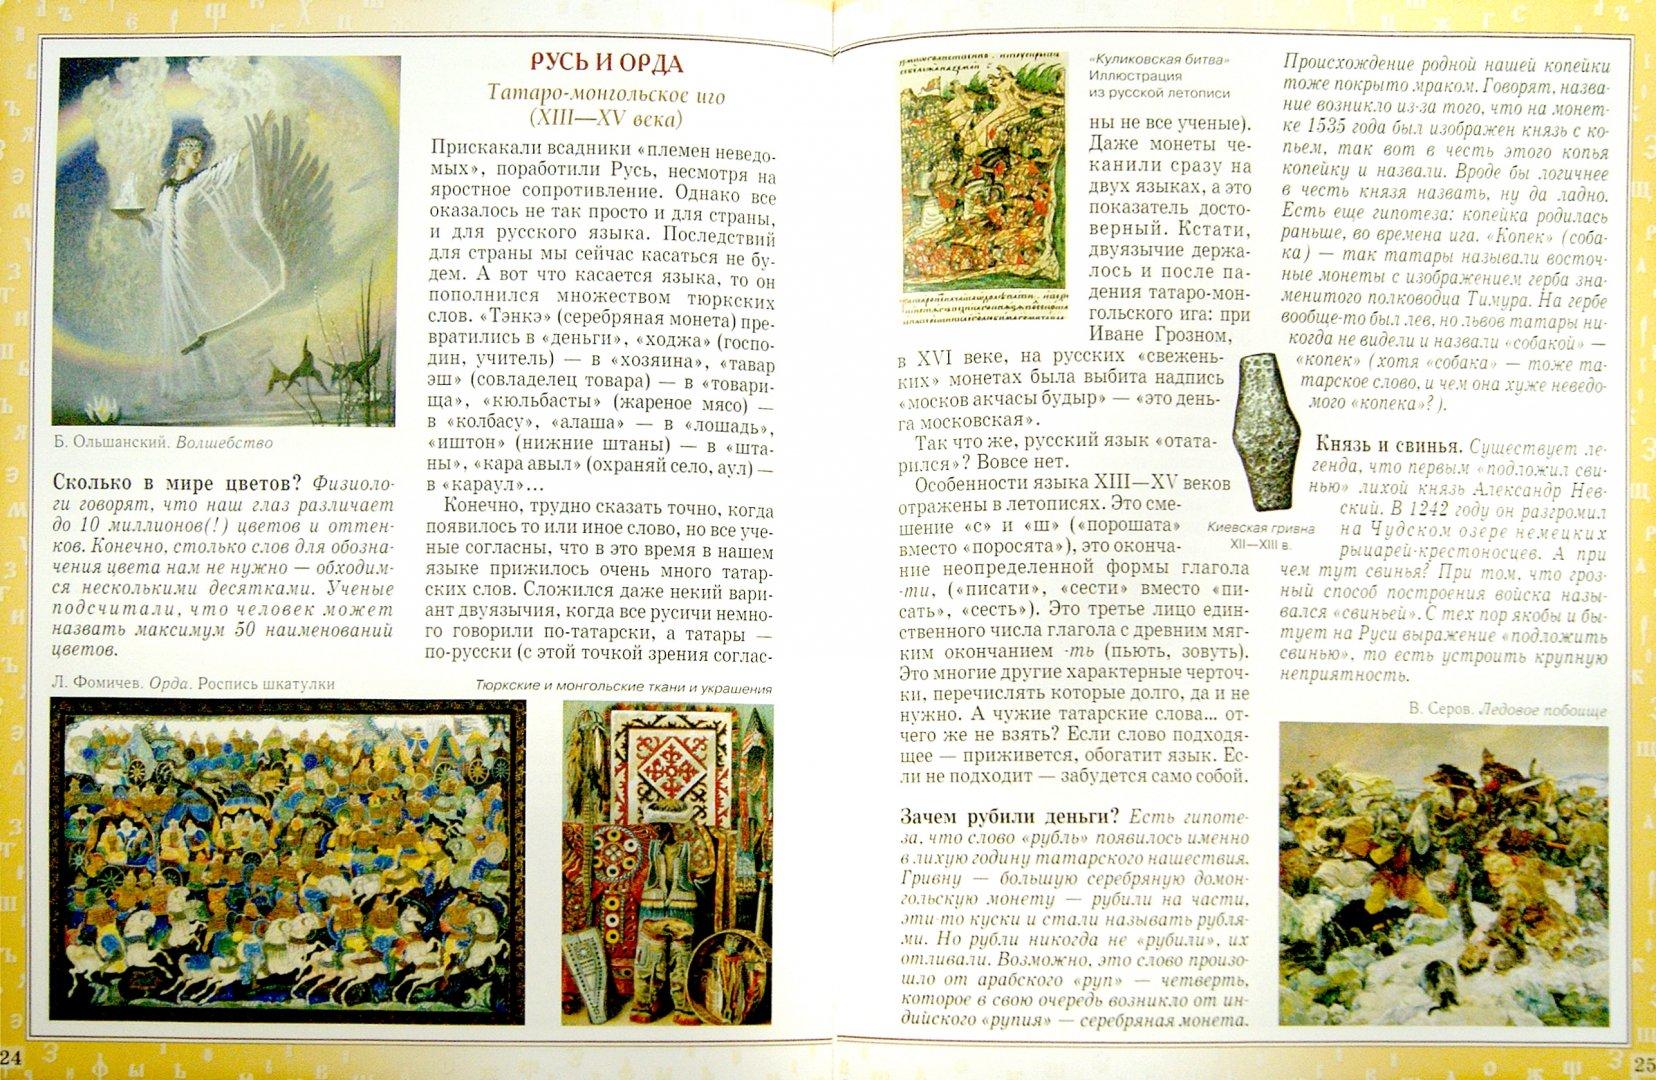 Иллюстрация 1 из 12 для Русский язык. Страницы истории - Светлана Лаврова   Лабиринт - книги. Источник: Лабиринт